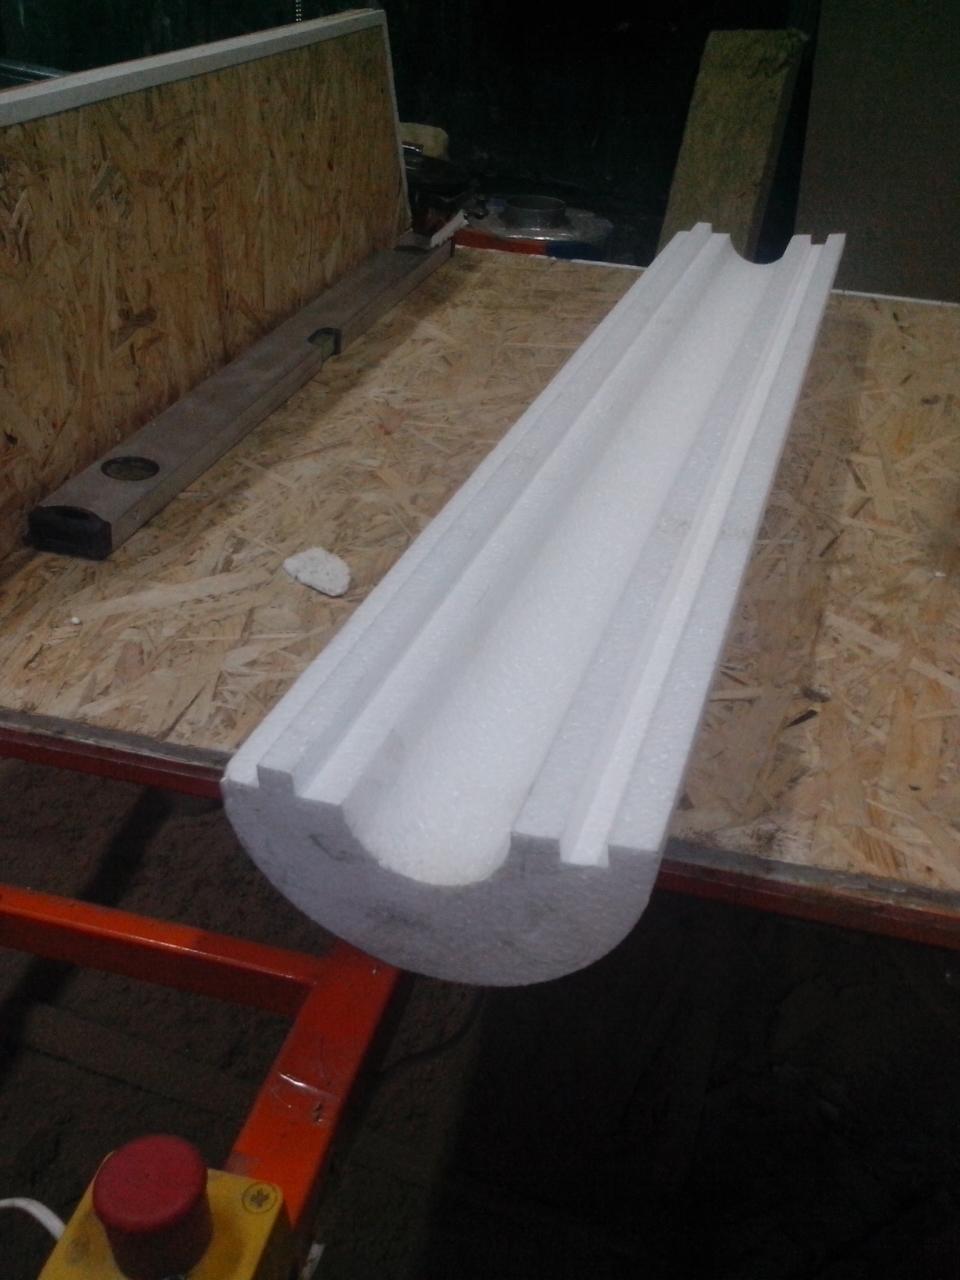 Утеплитель из пенопласта (пенополистирола) для труб Ø 57 мм толщиной 80 мм